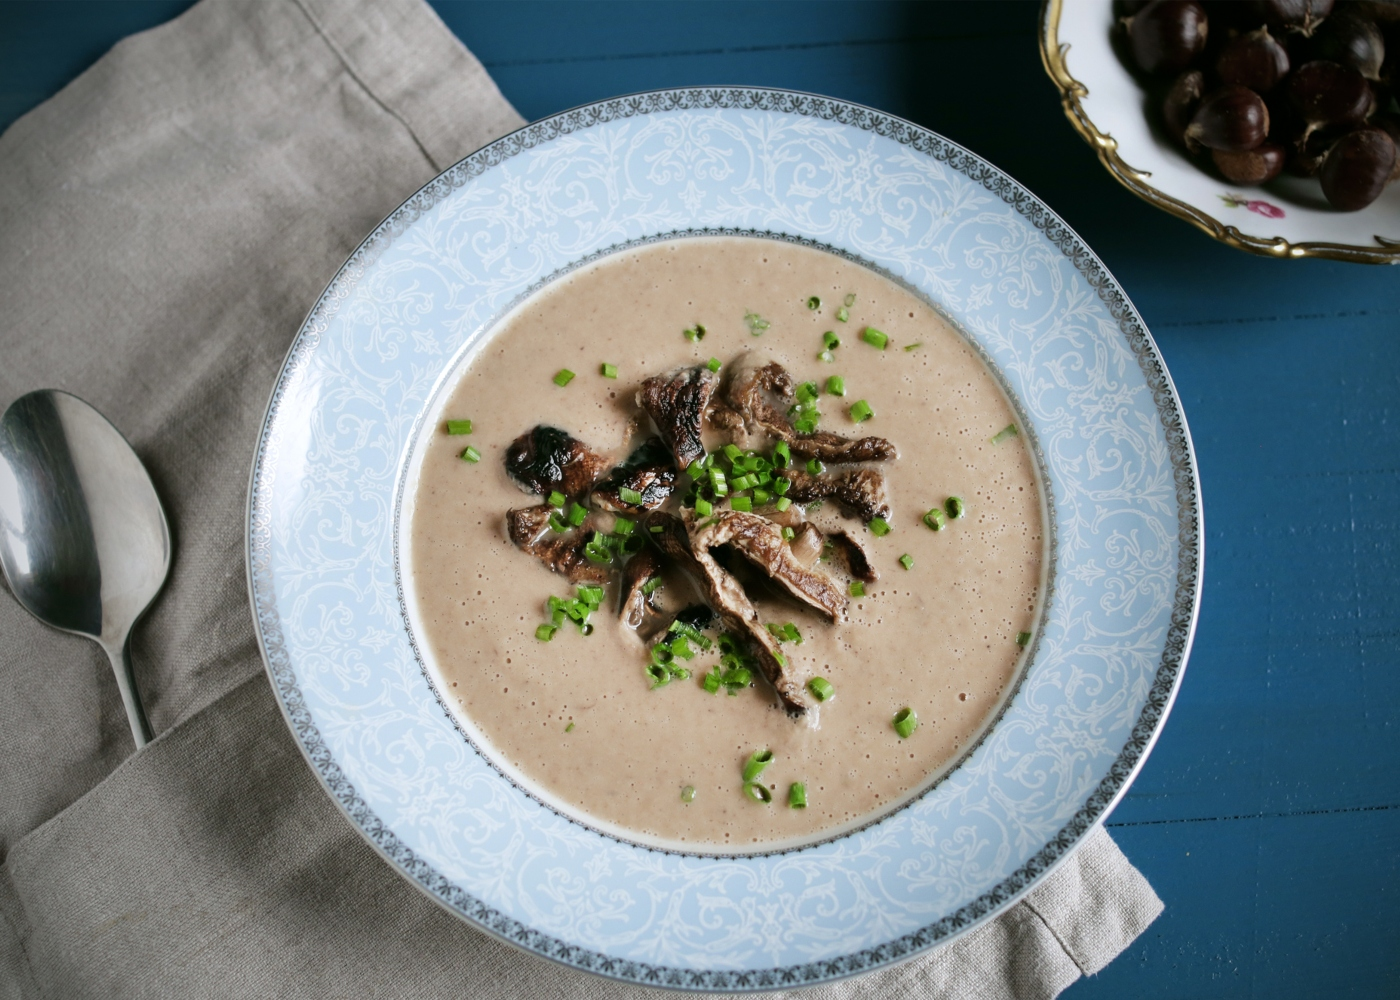 Sopa de castanhas e cogumelos servida num prato fundo